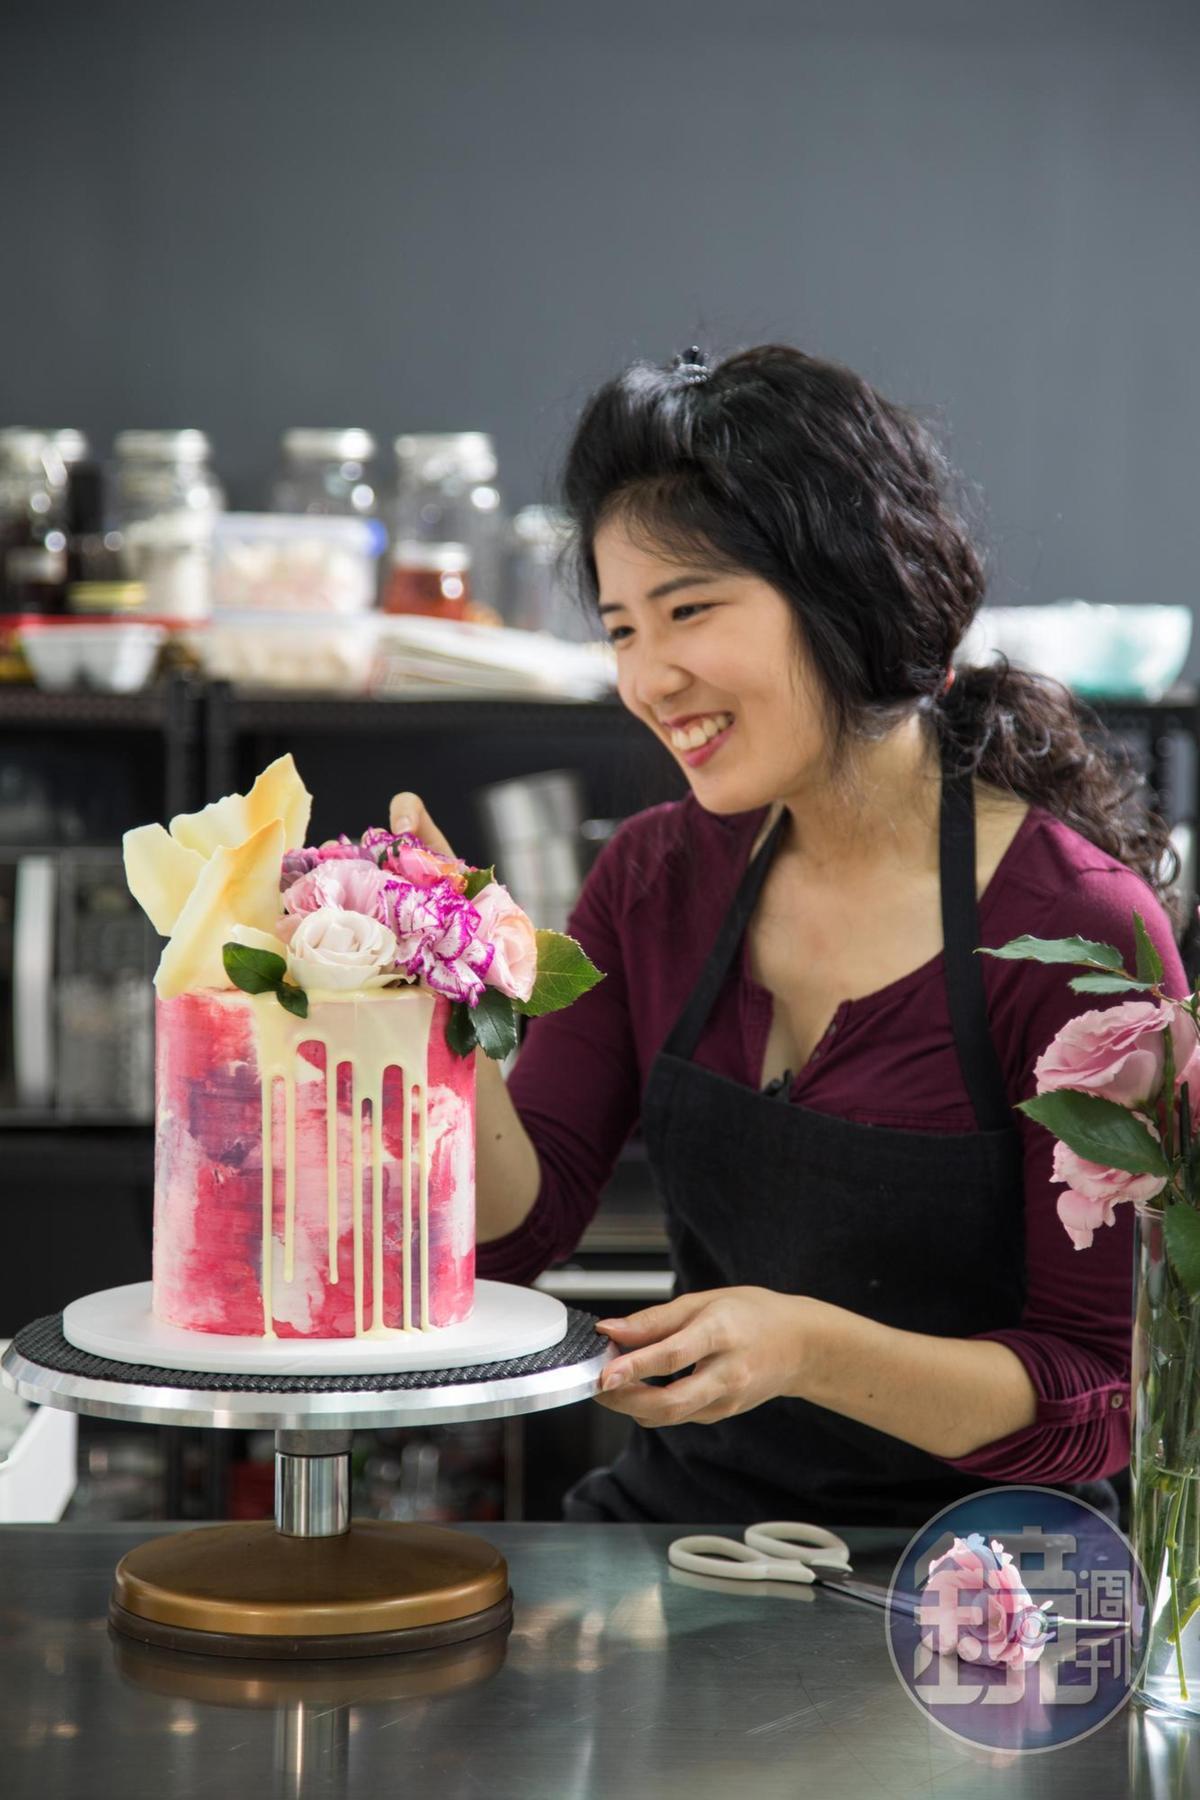 「味蕾尖兒」成立3年多,創辦人艾霖極有藝術天份,創作出抹面效果豐富的客製化蛋糕。